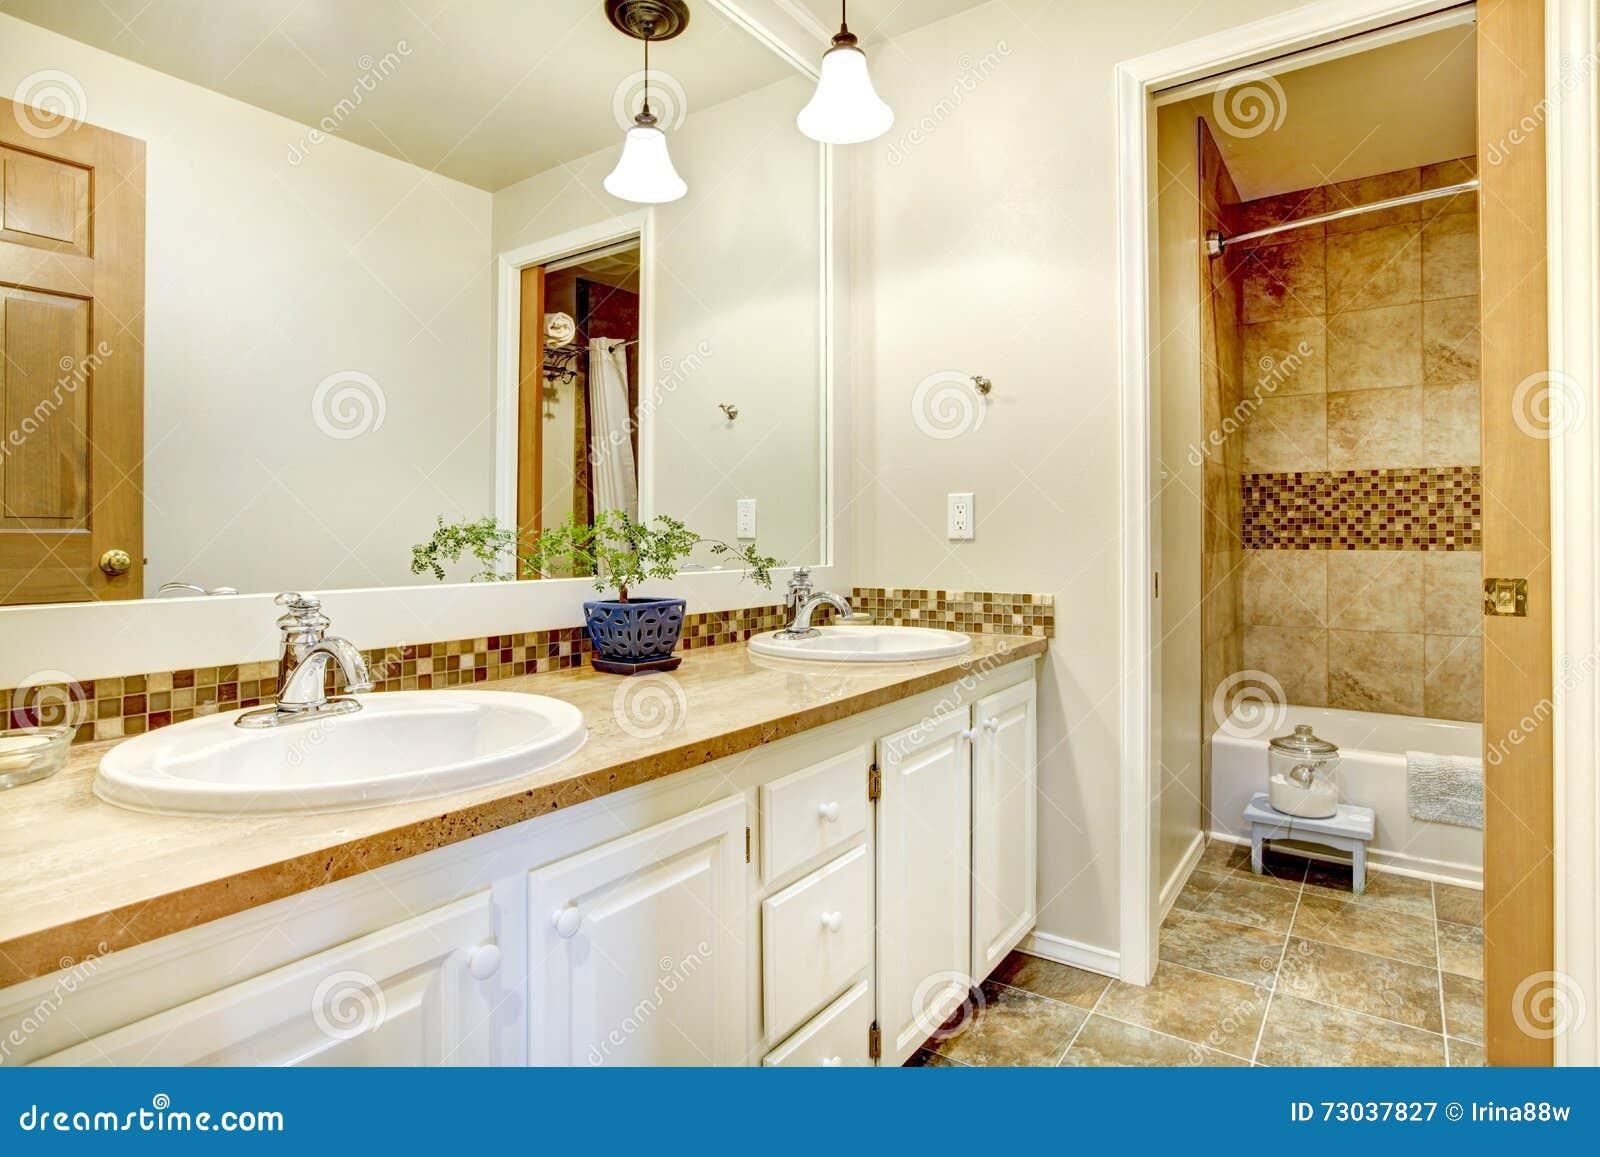 Goldener Badezimmerinnenraum Mit Hölzernem Weiß Malte ...